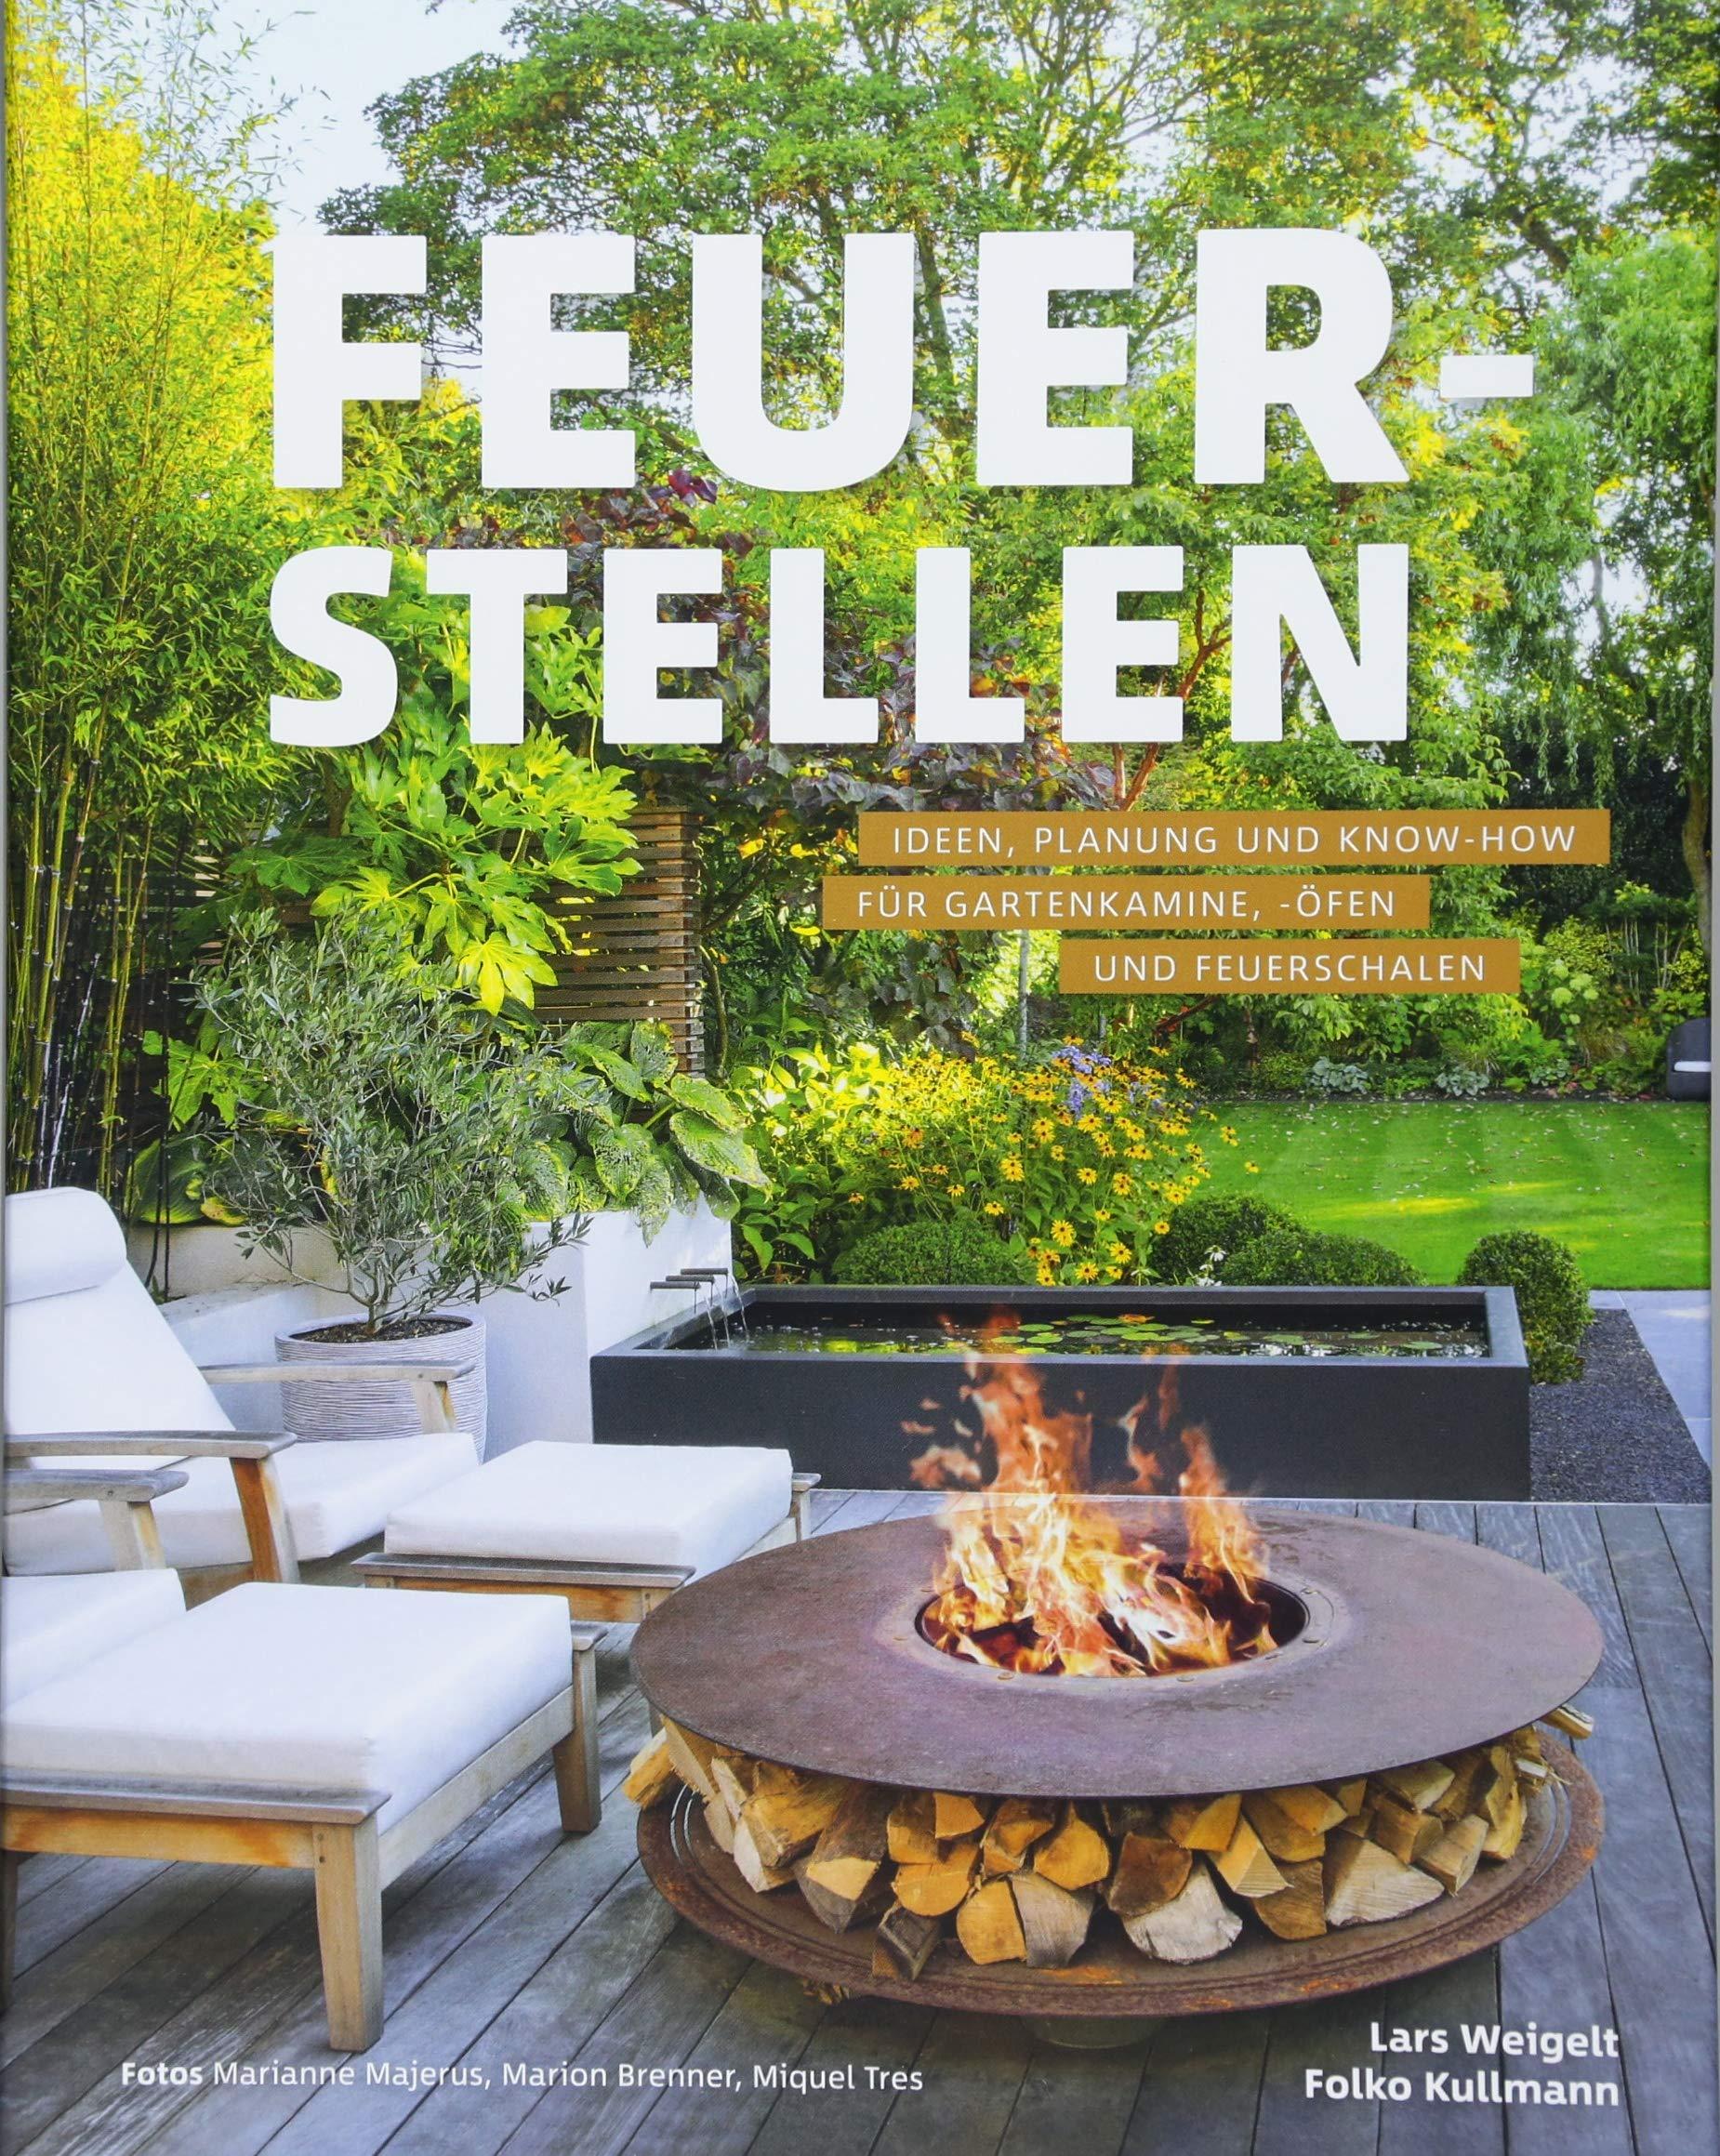 Feuerstellen: Planung Und Know How Für Gartenkamine,  öfen Und Feuerschalen:  Amazon.de: Lars Weigelt, Folko Dr. Kullmann, Marianne Majerus (Fotos), ...